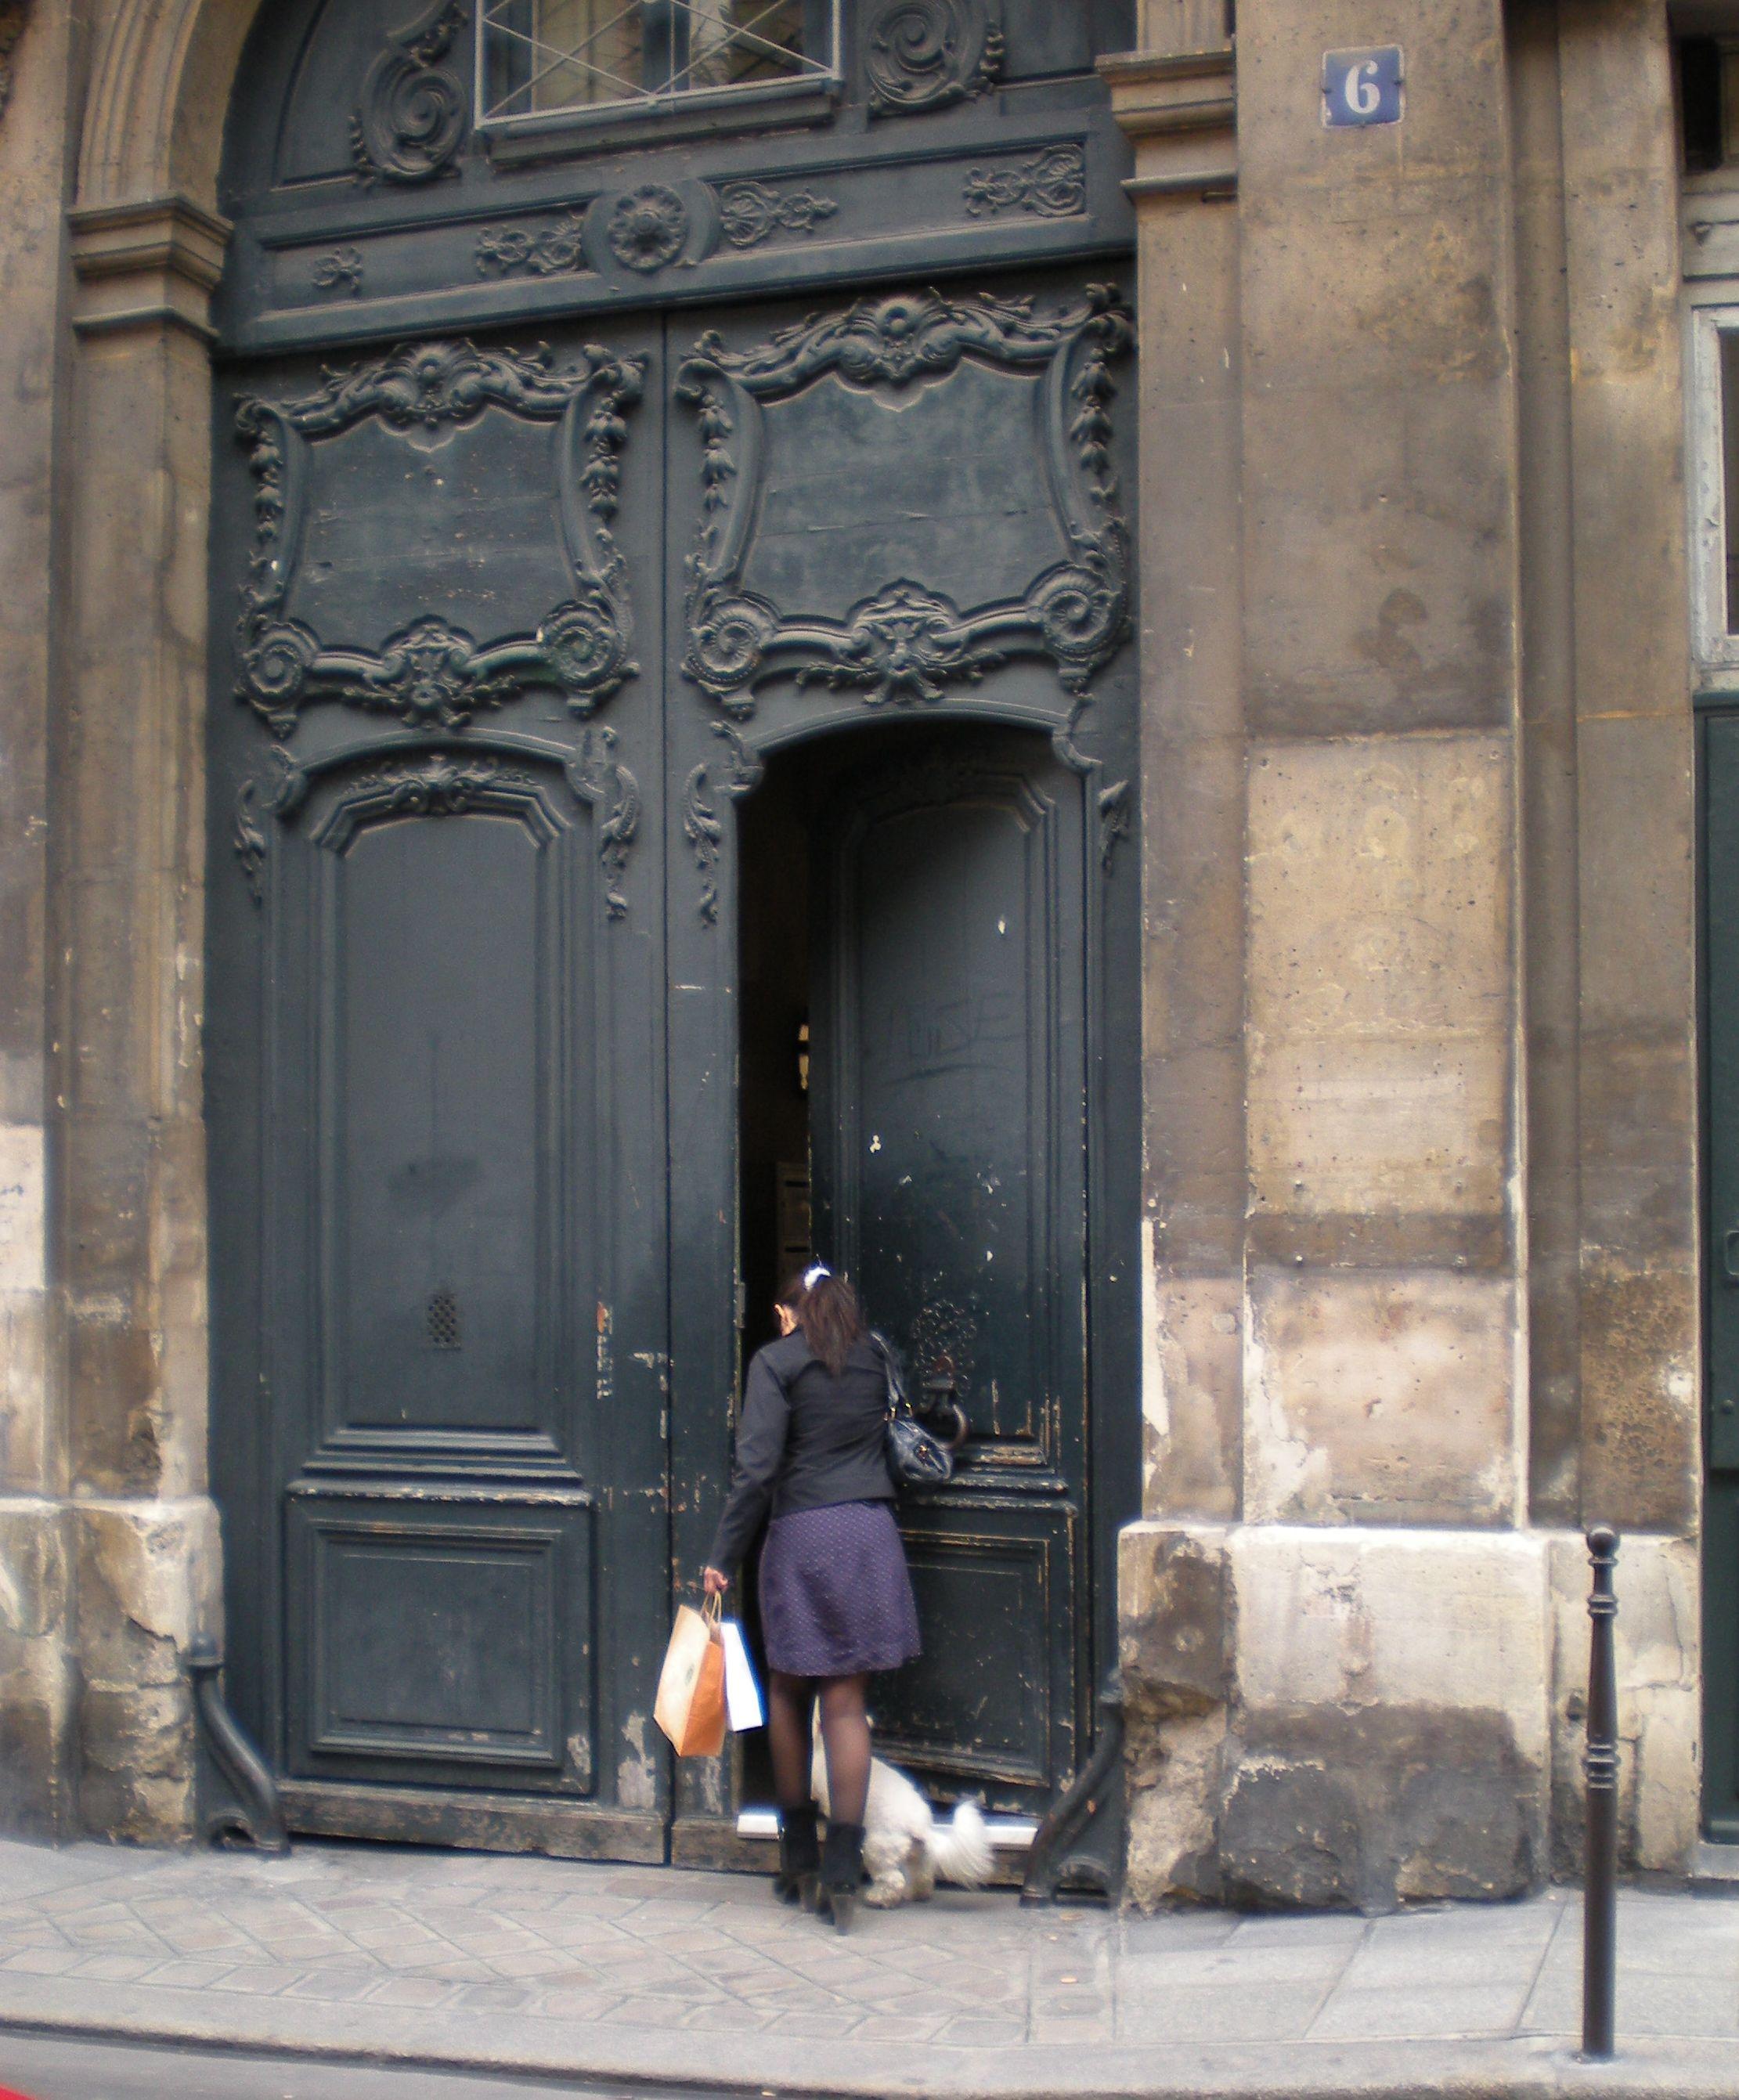 a doorway in Paris